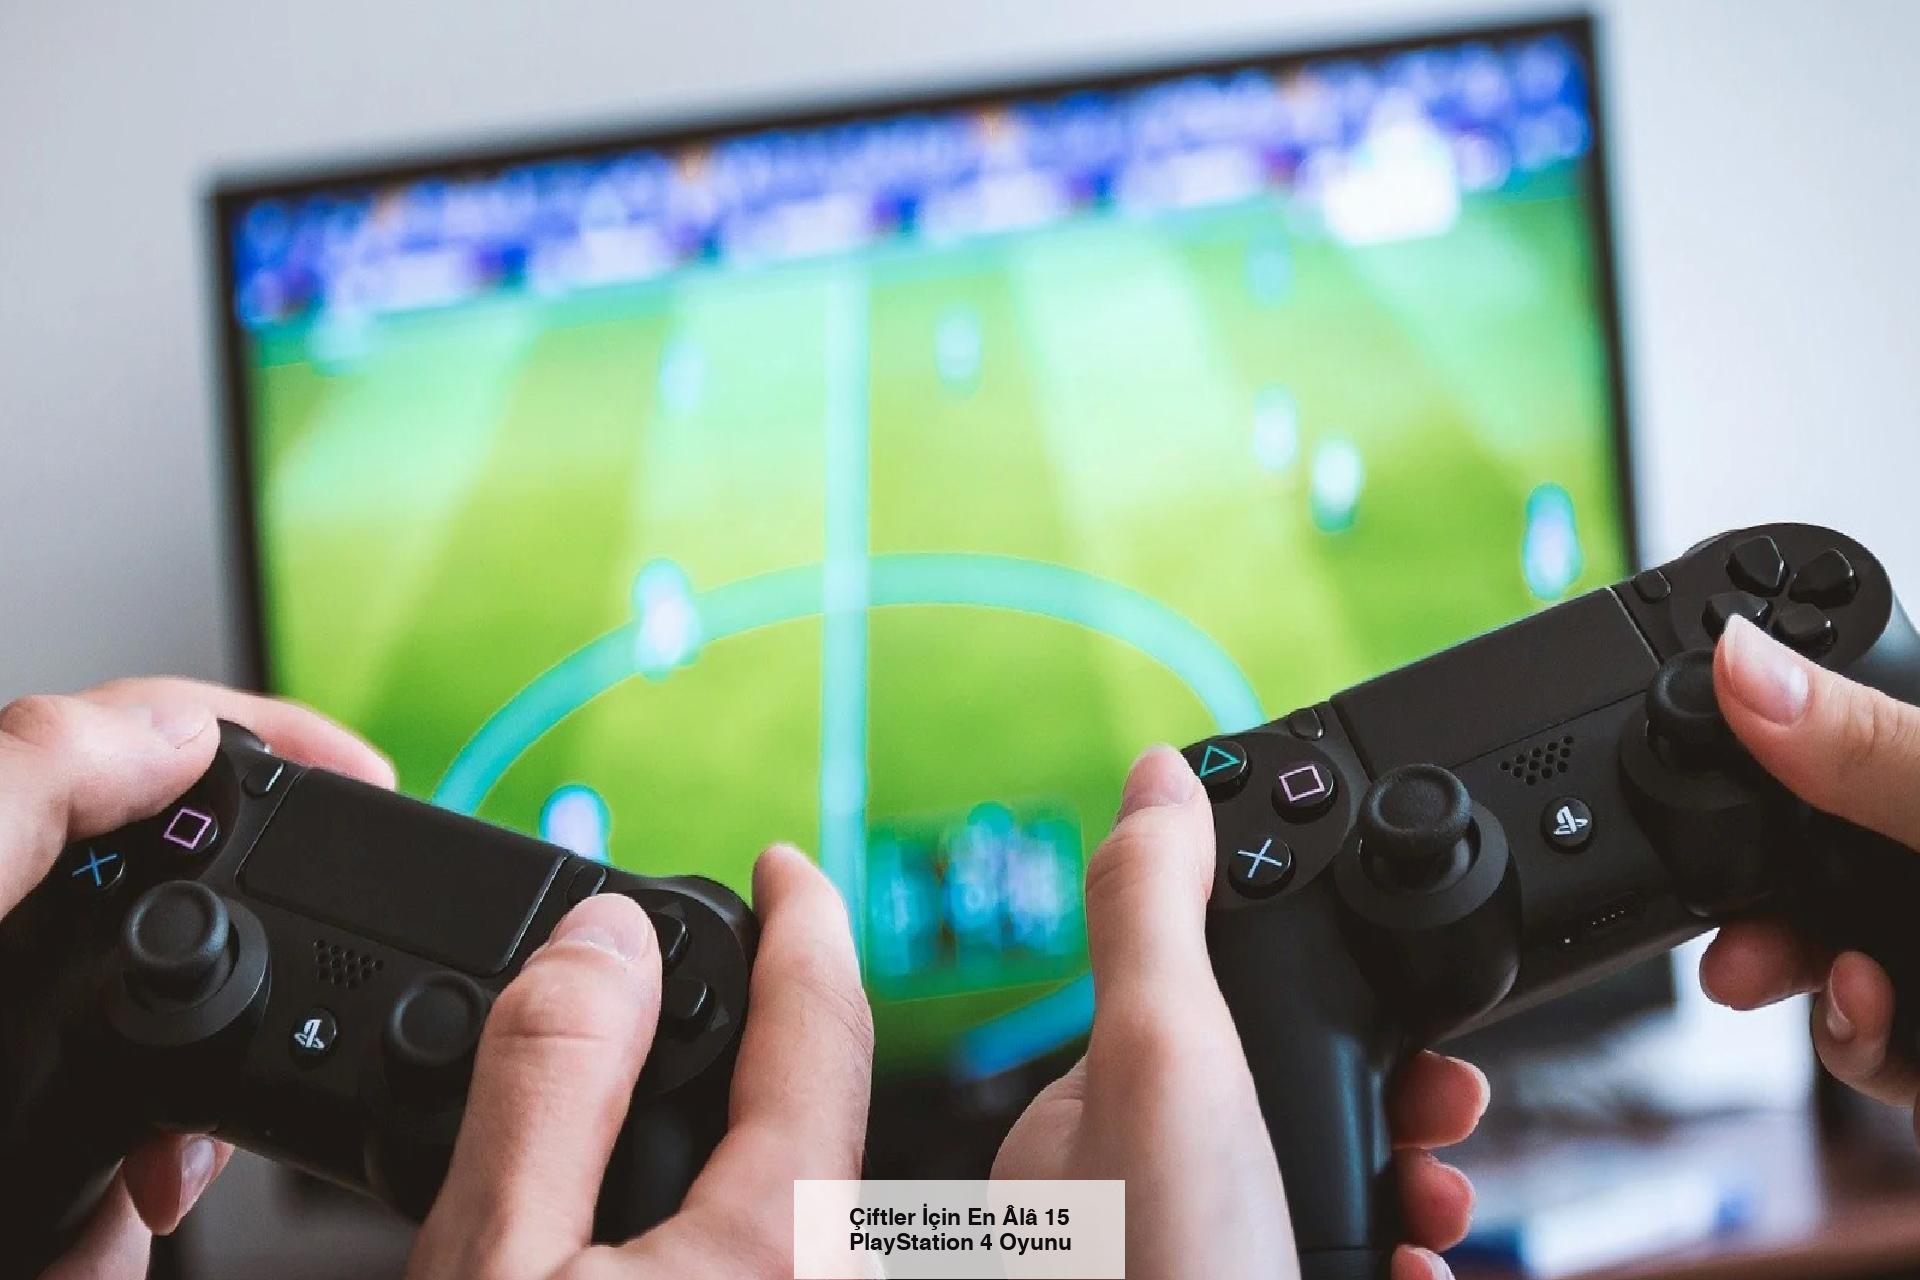 Çiftler İçin En Âlâ 15 PlayStation 4 Oyunu